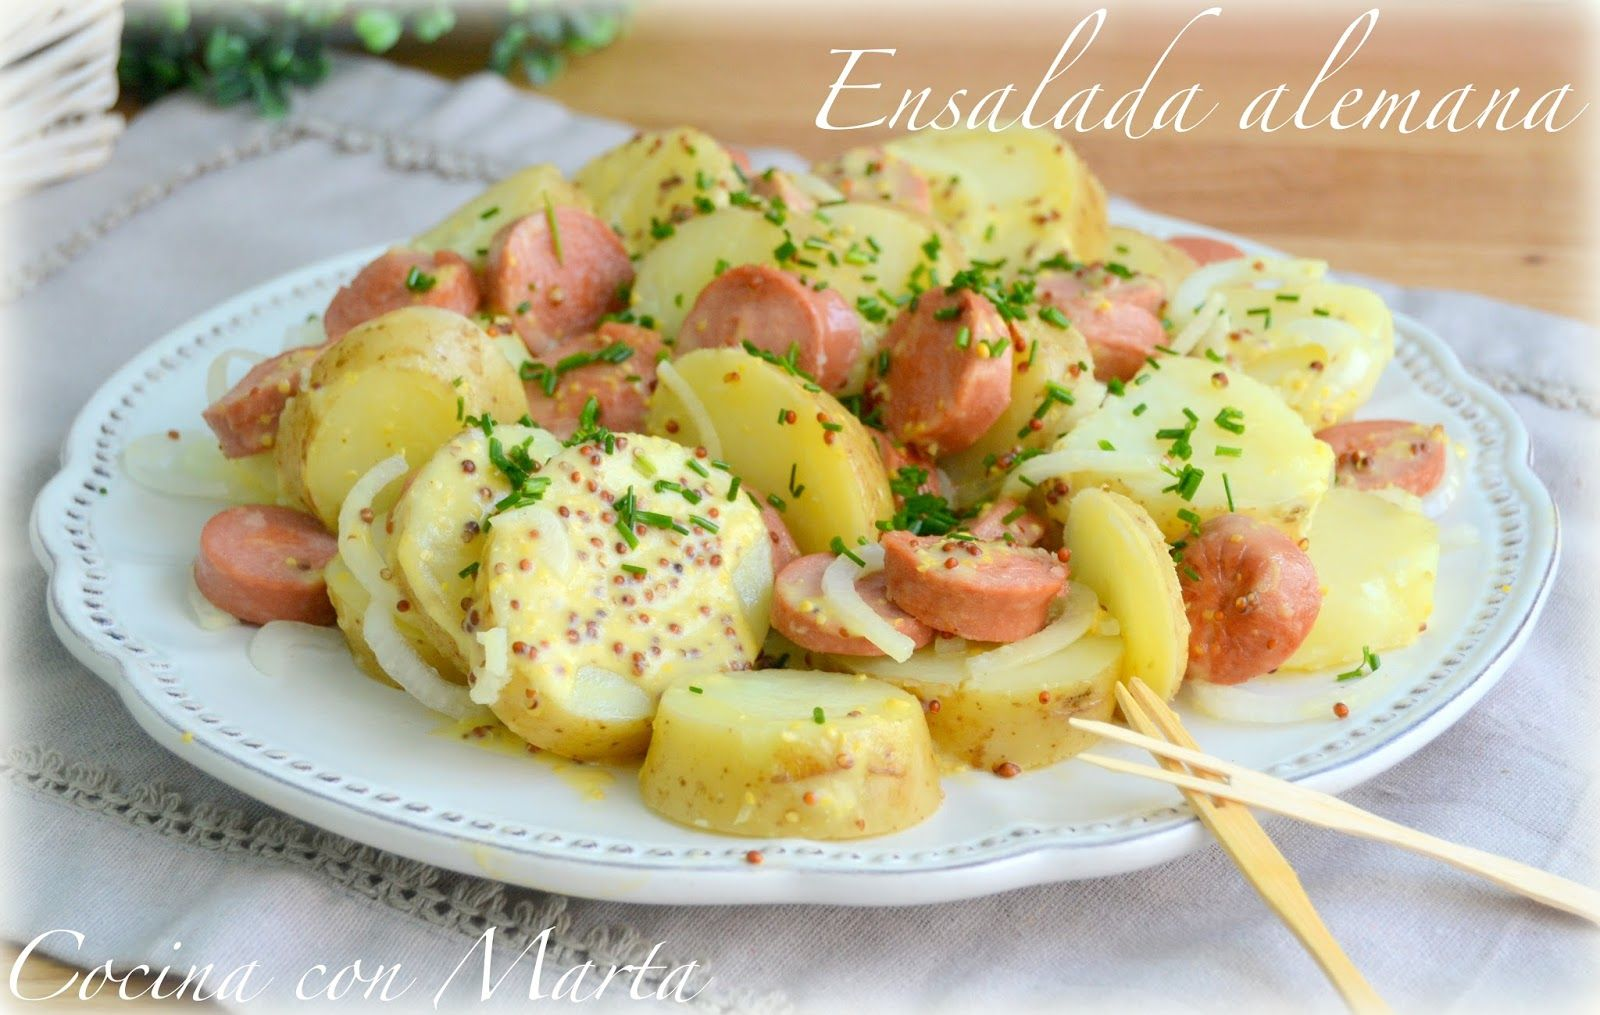 Cocina con marta recetas f ciles r pidas y caseras for Comidas rapidas caseras